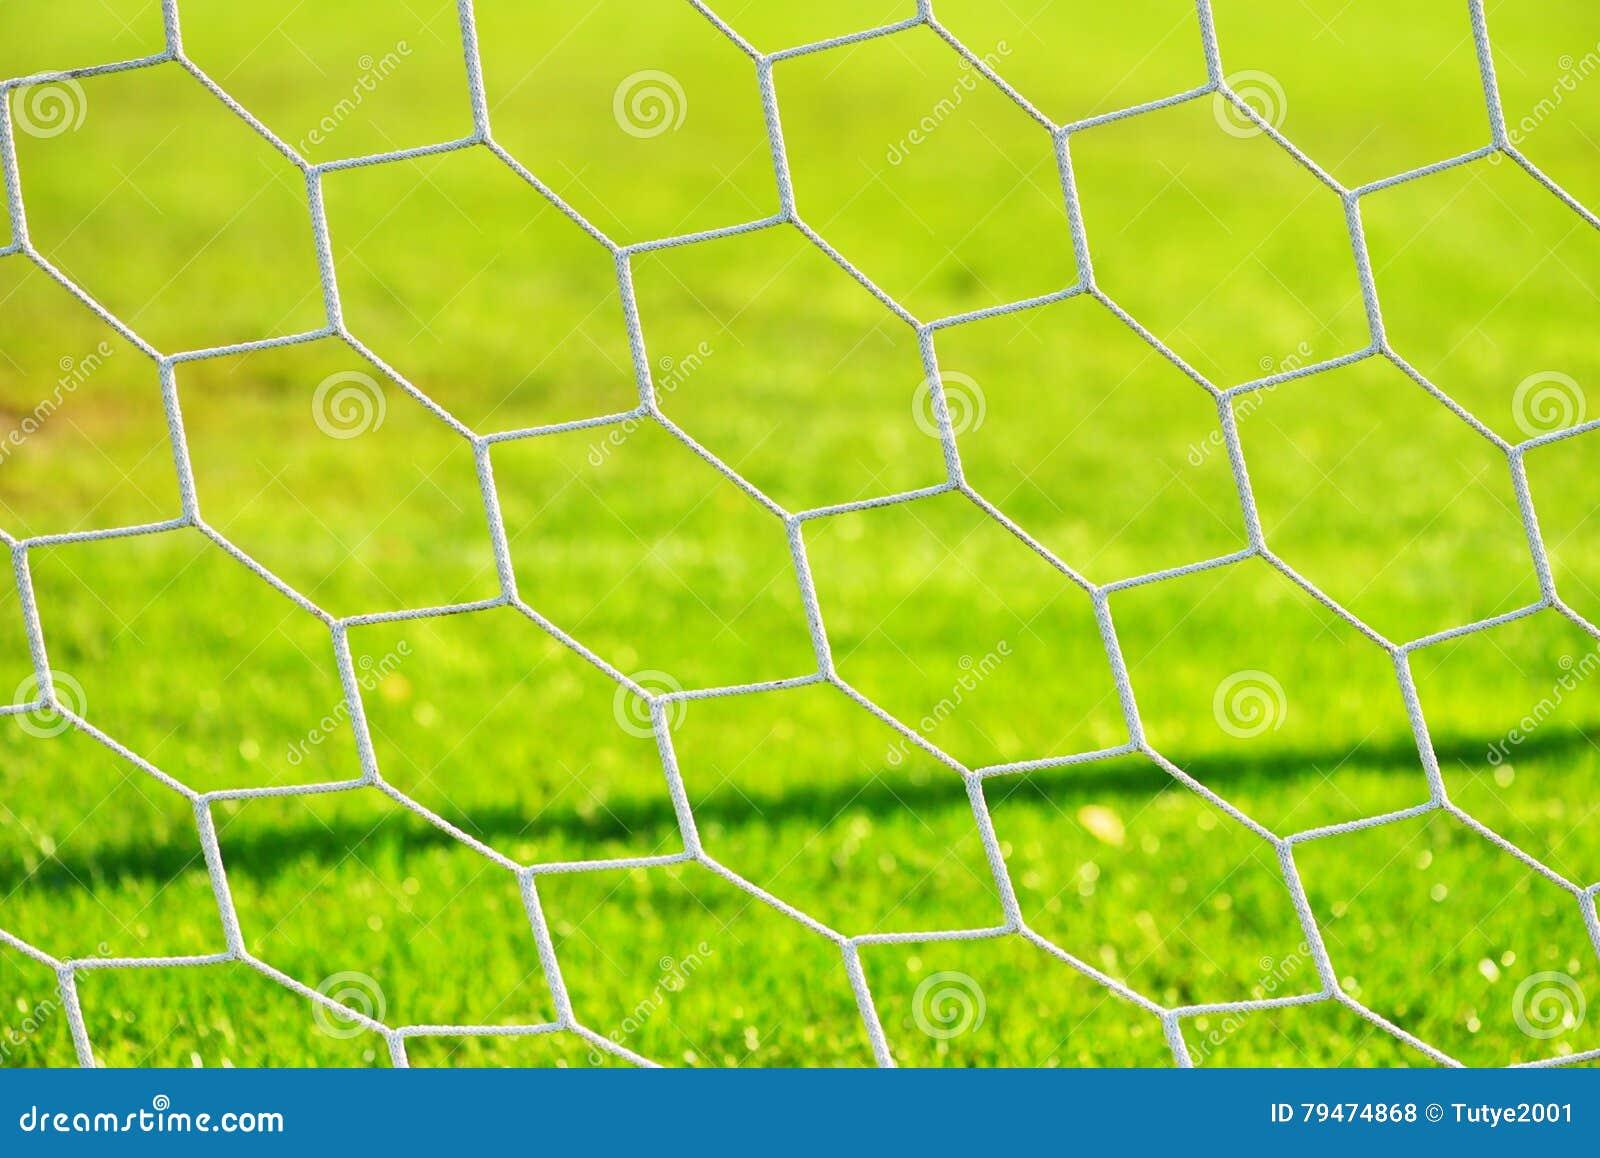 Fotbollporten förtjänar tät for för ätamatflicka upp